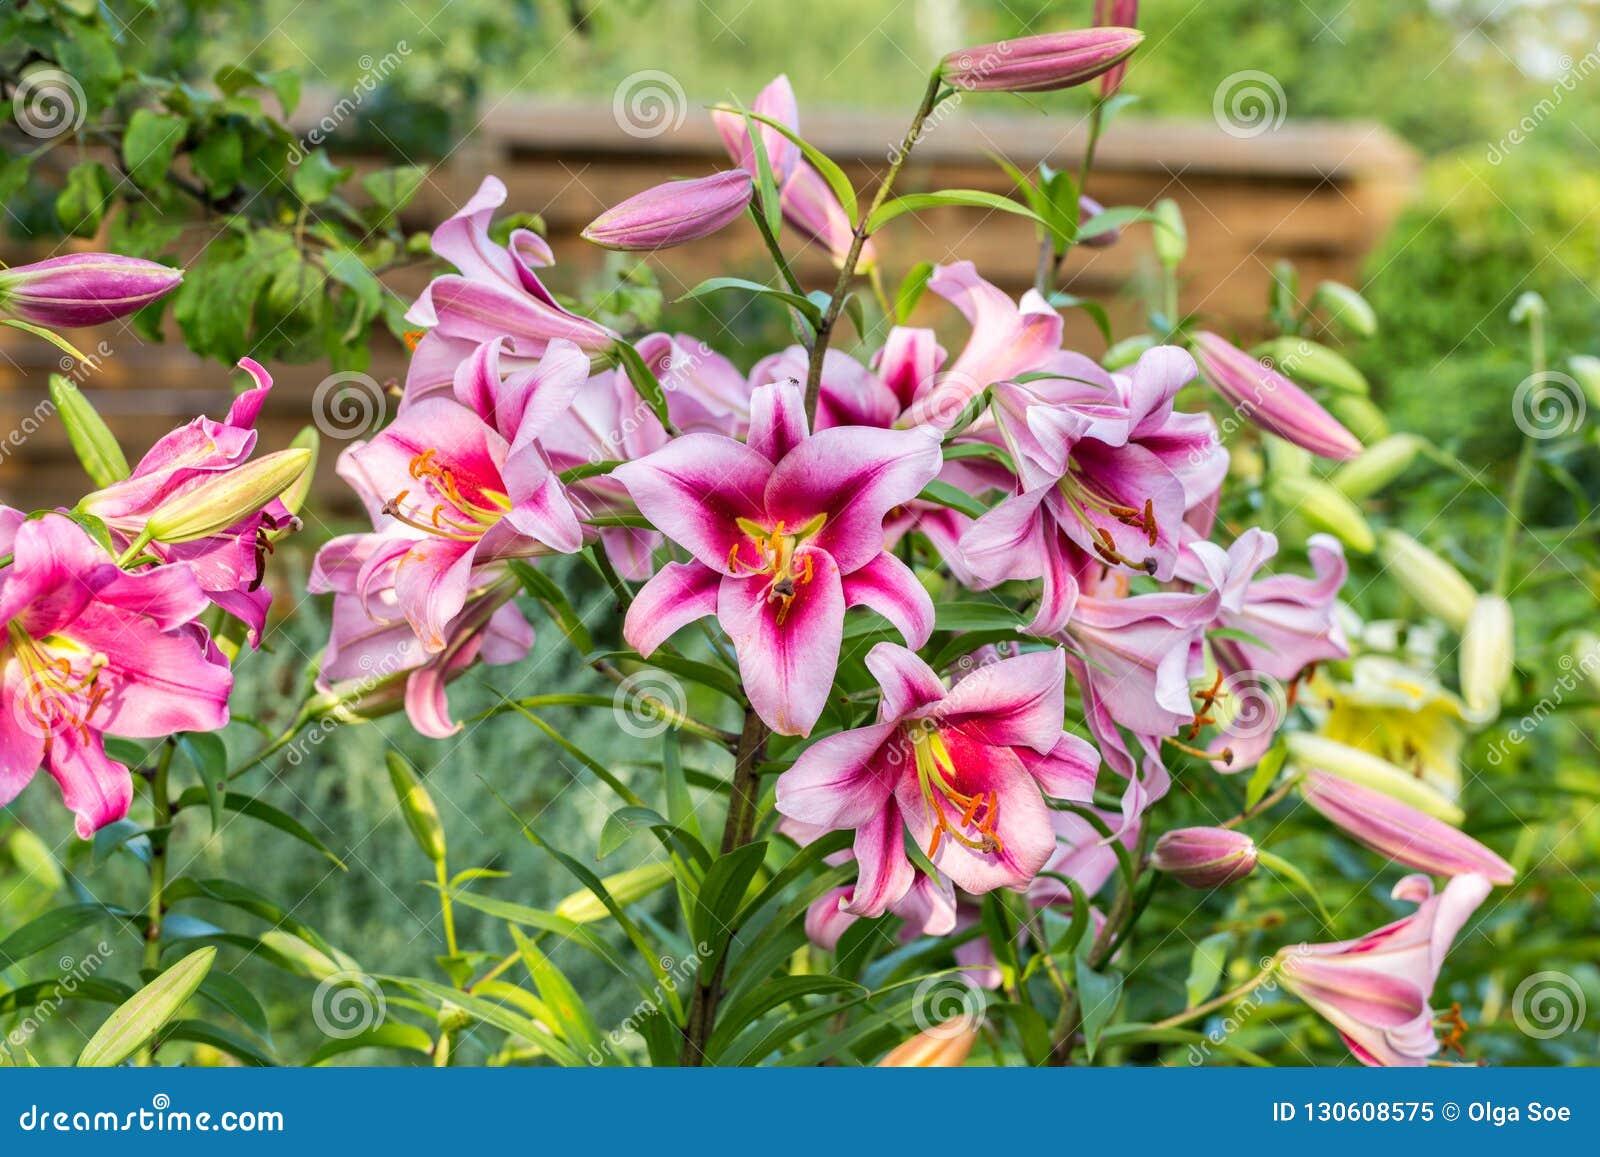 Lilie Im Garten Stockbild Bild Von Hell Knospe Floral 130608575